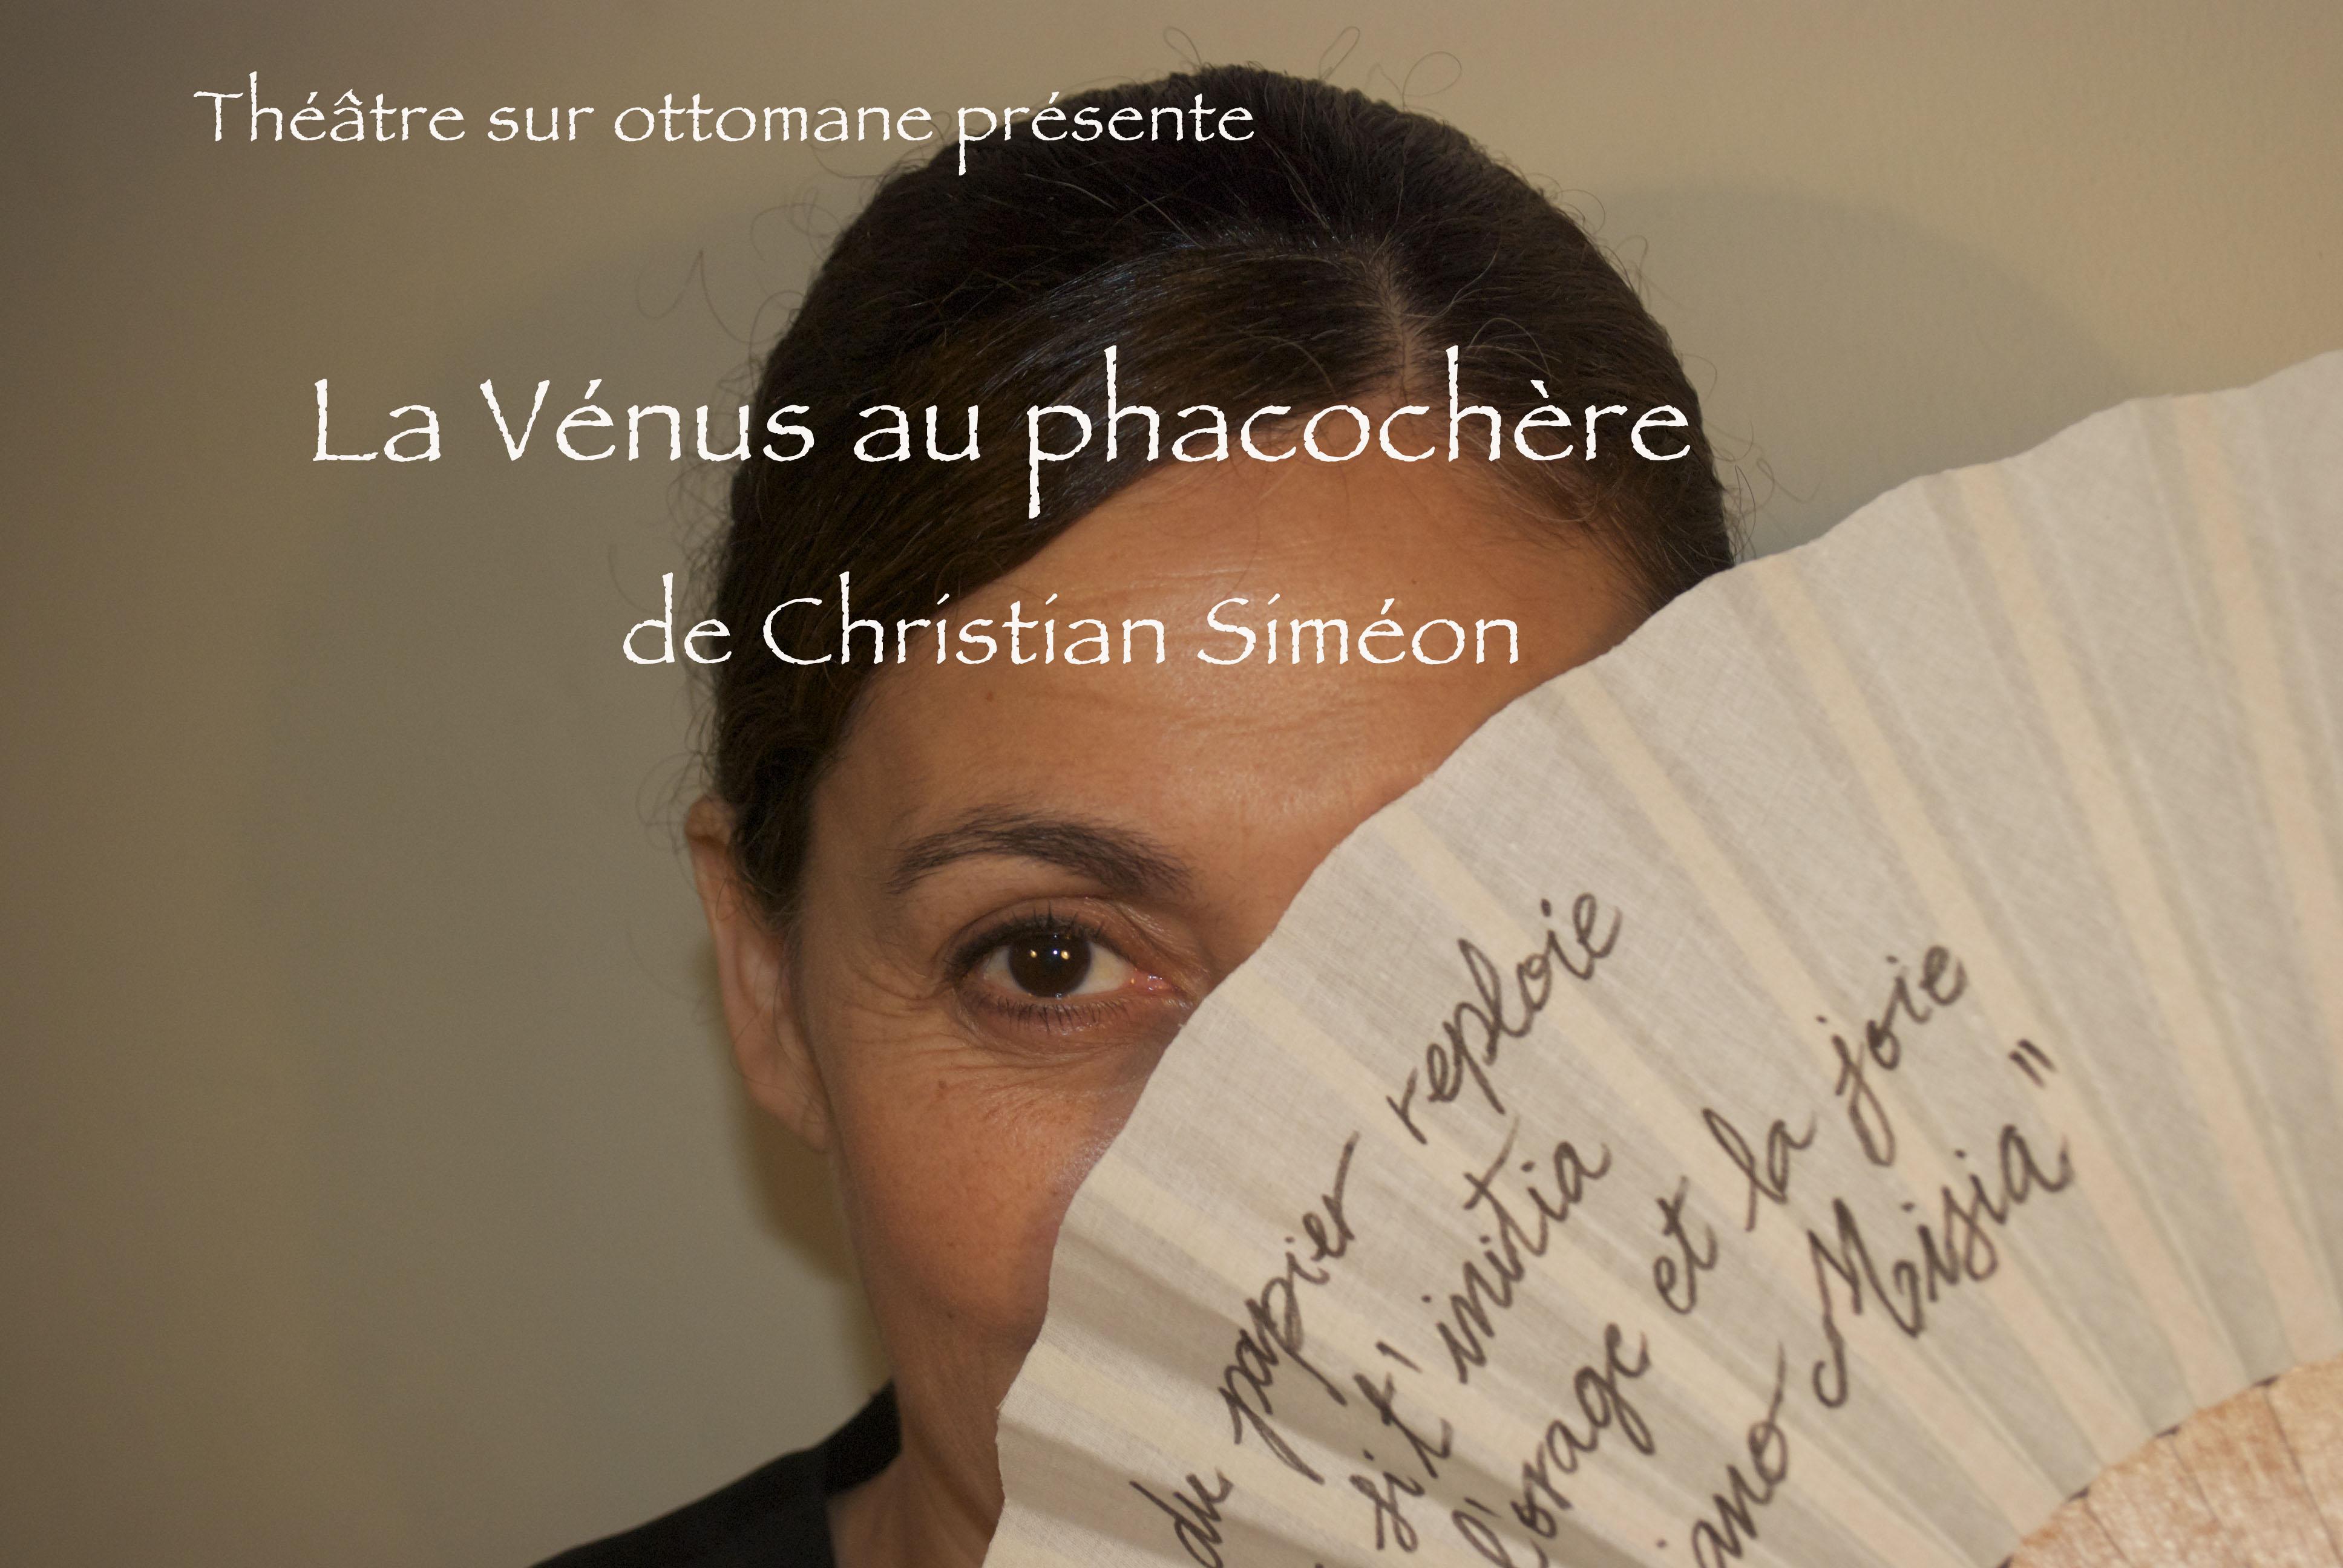 théâtre appartement théâtre sur ottomane français en espagne inov expat barcelone la vénus au phacochère